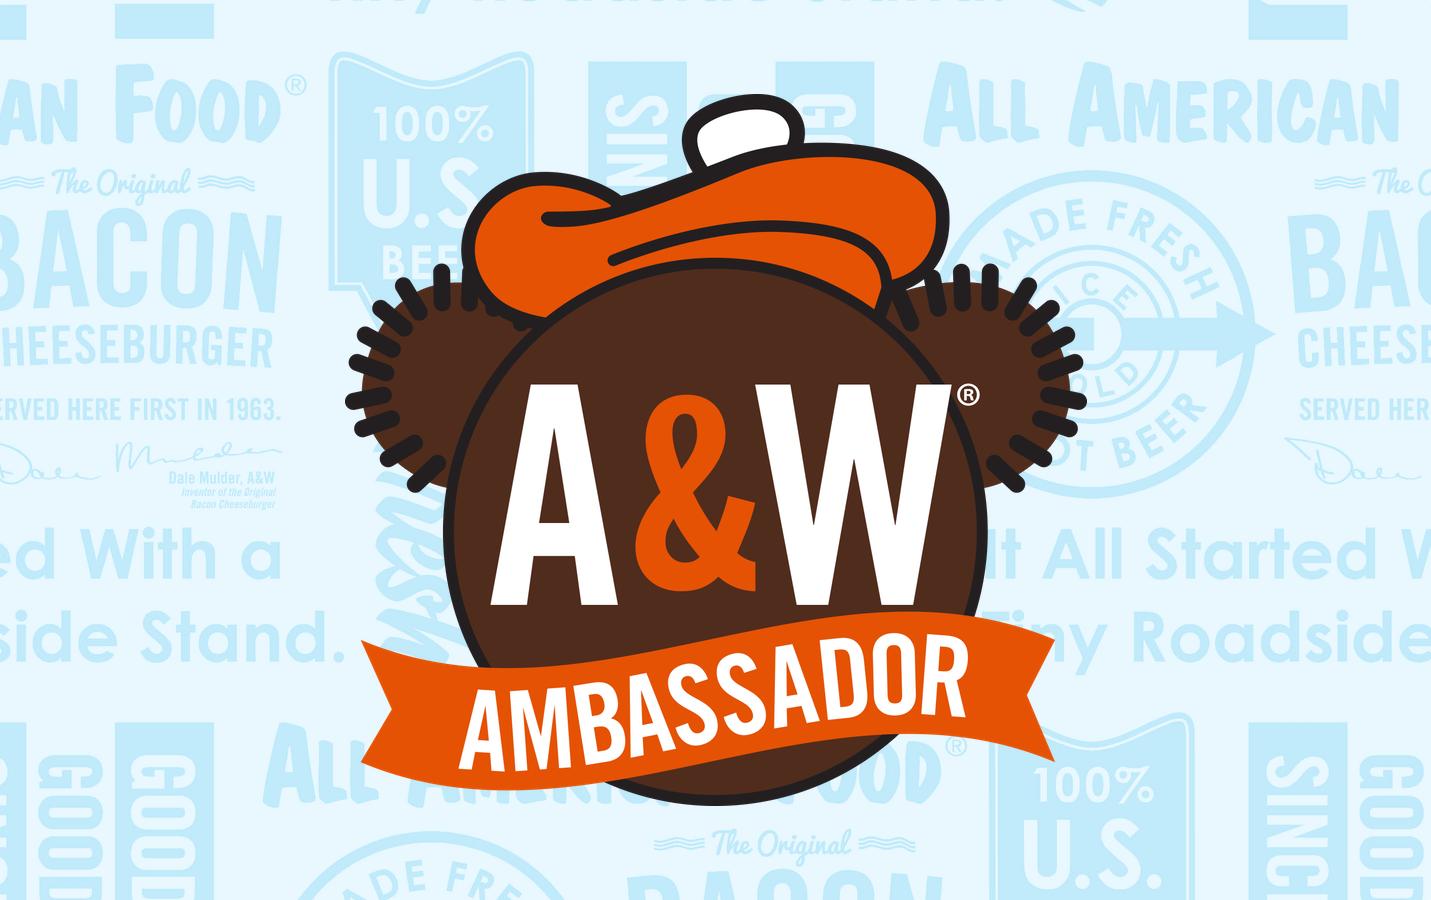 A&W Ambassador